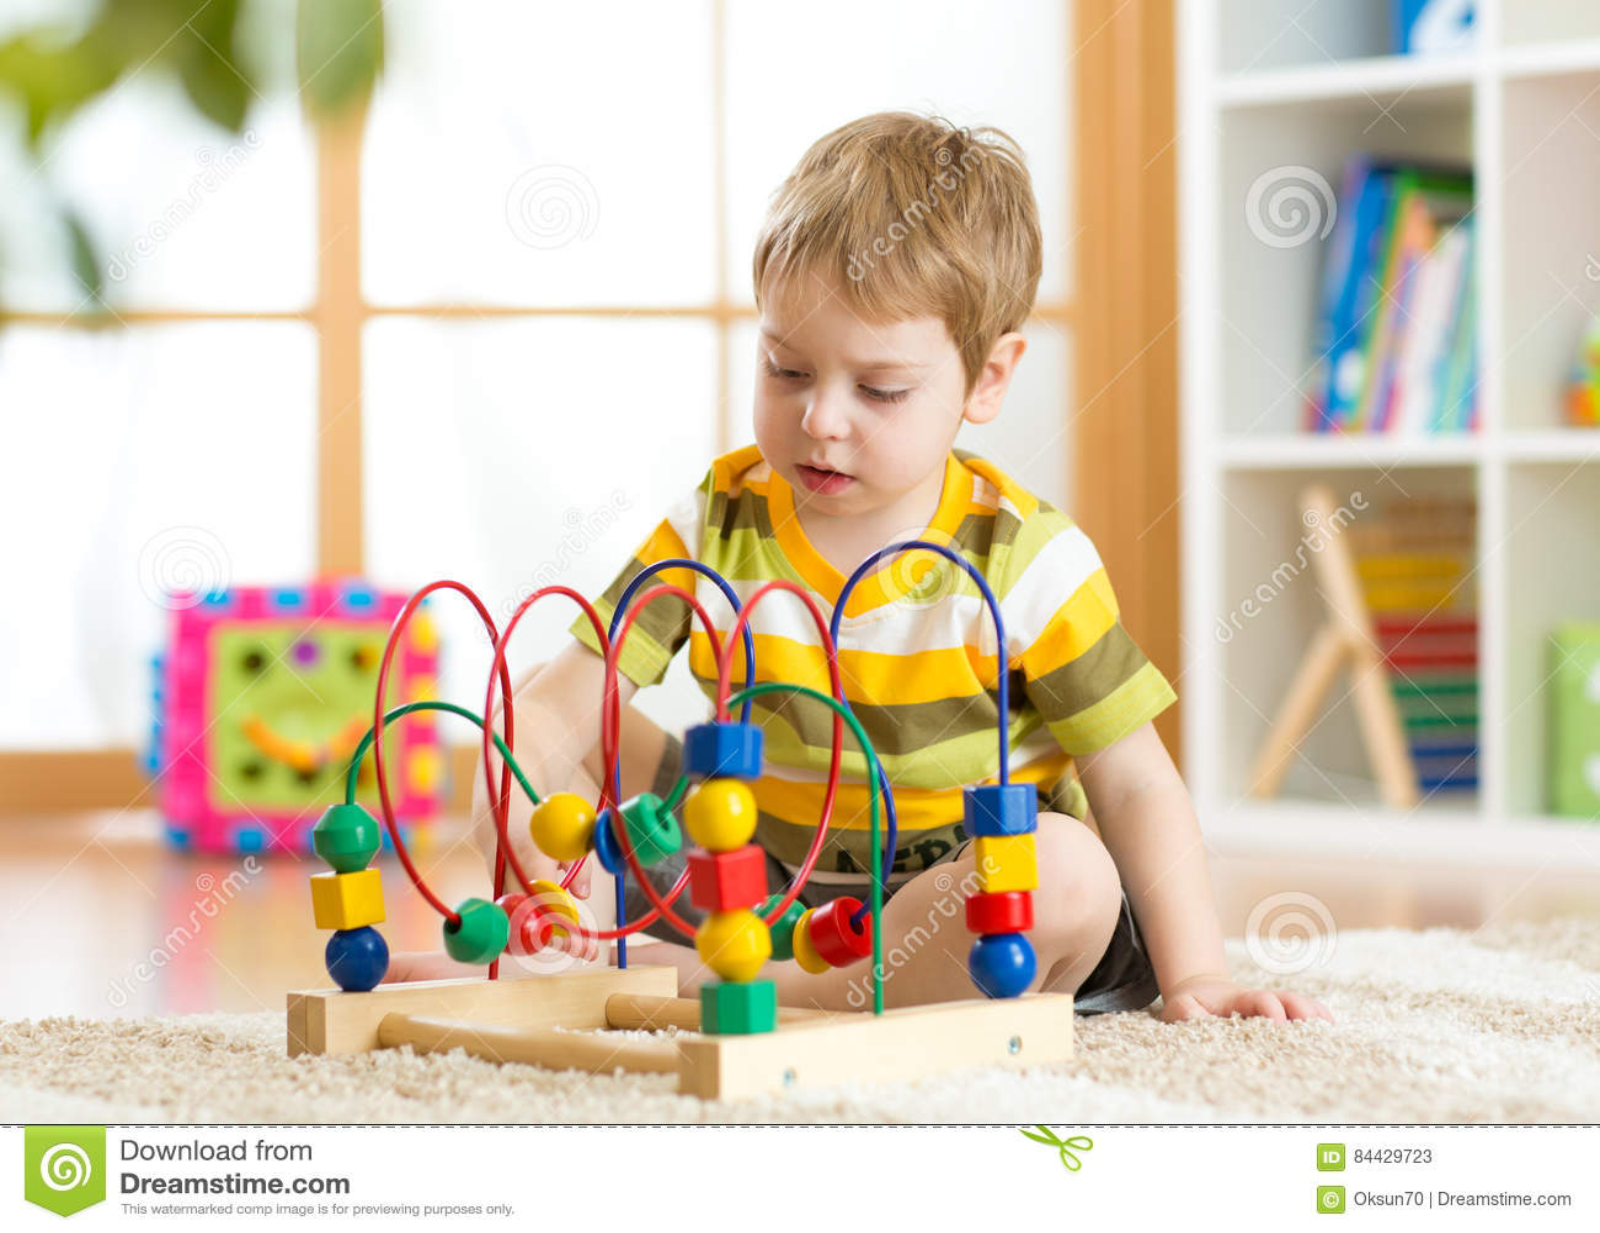 Ungepojken spelar med en mångfärgad logisk leksak i barnkammare